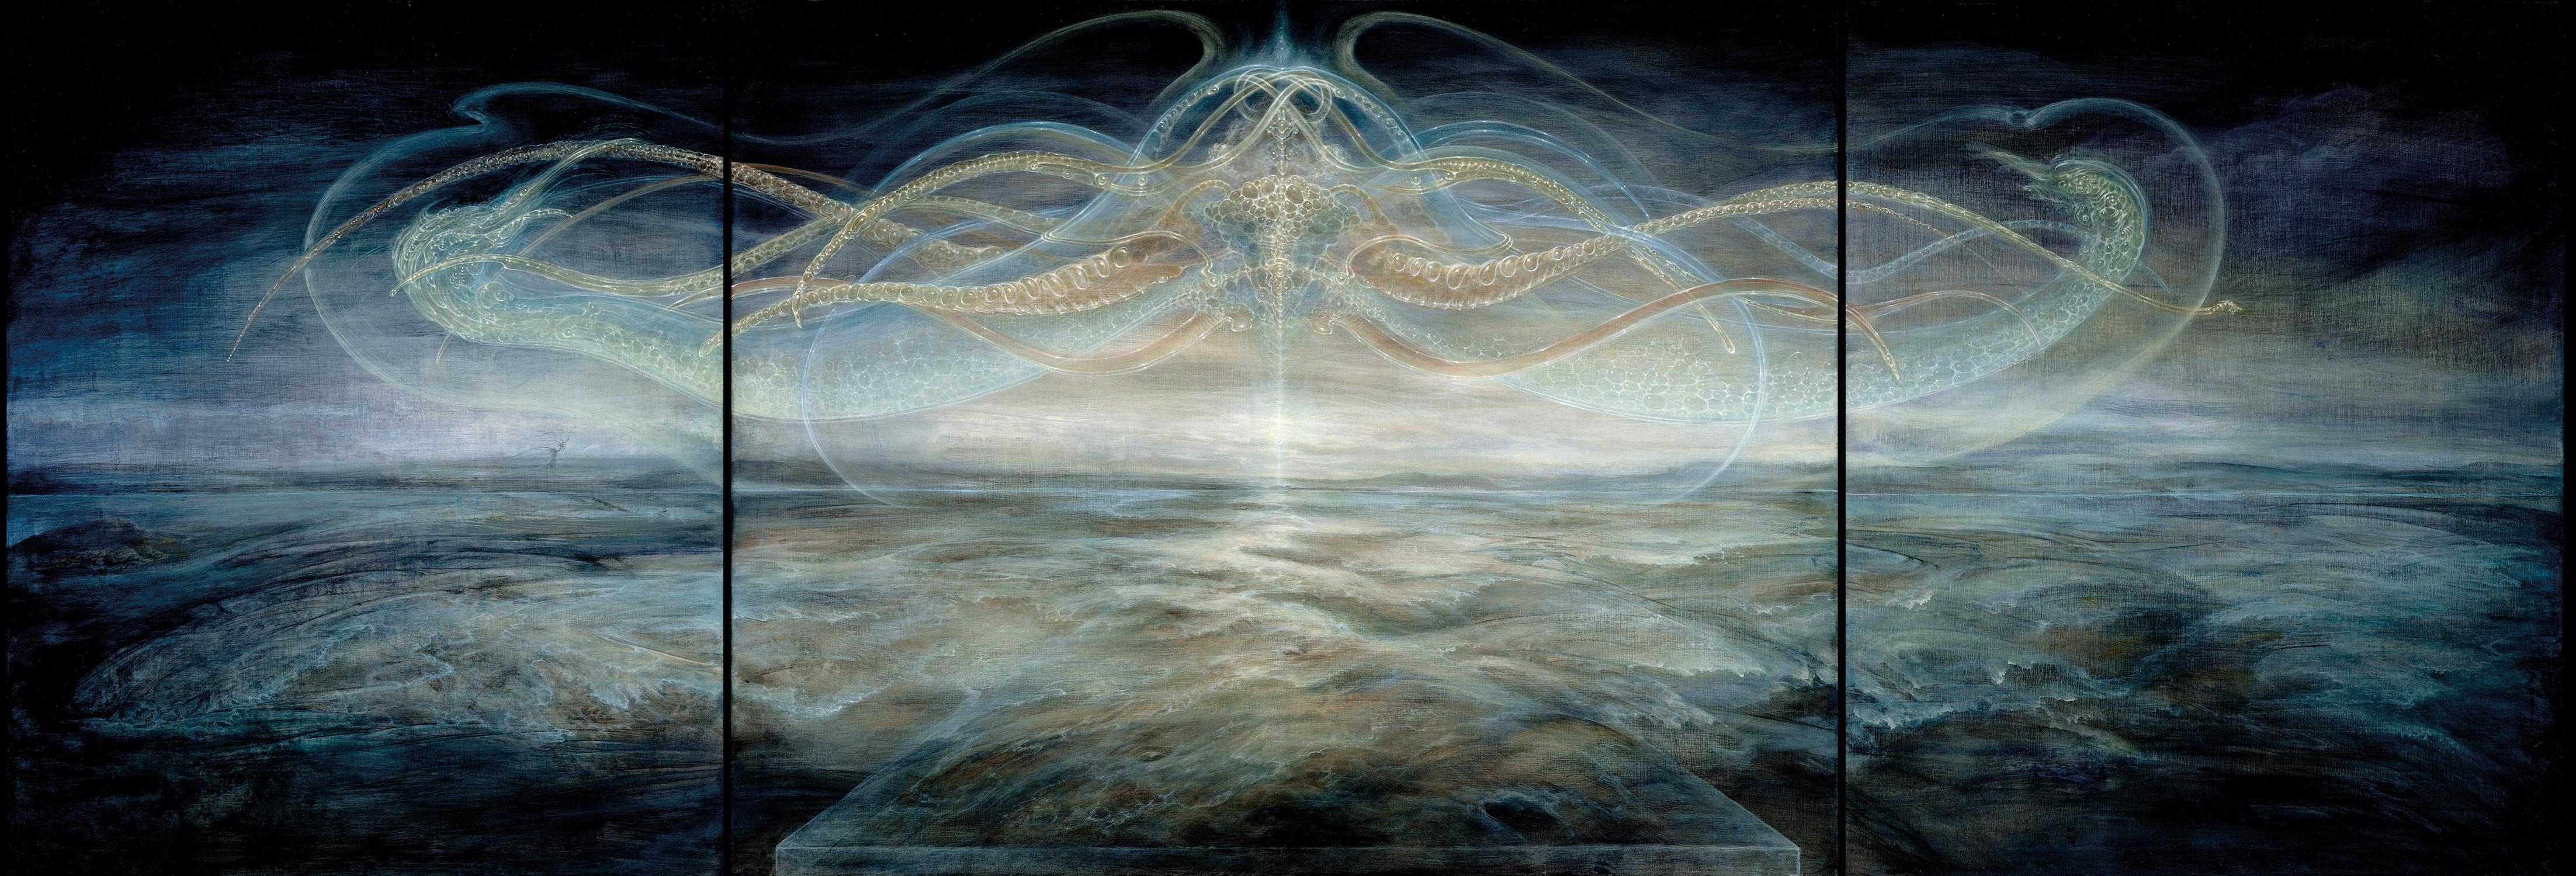 THE LANDING Artwork by Martina Hoffmann